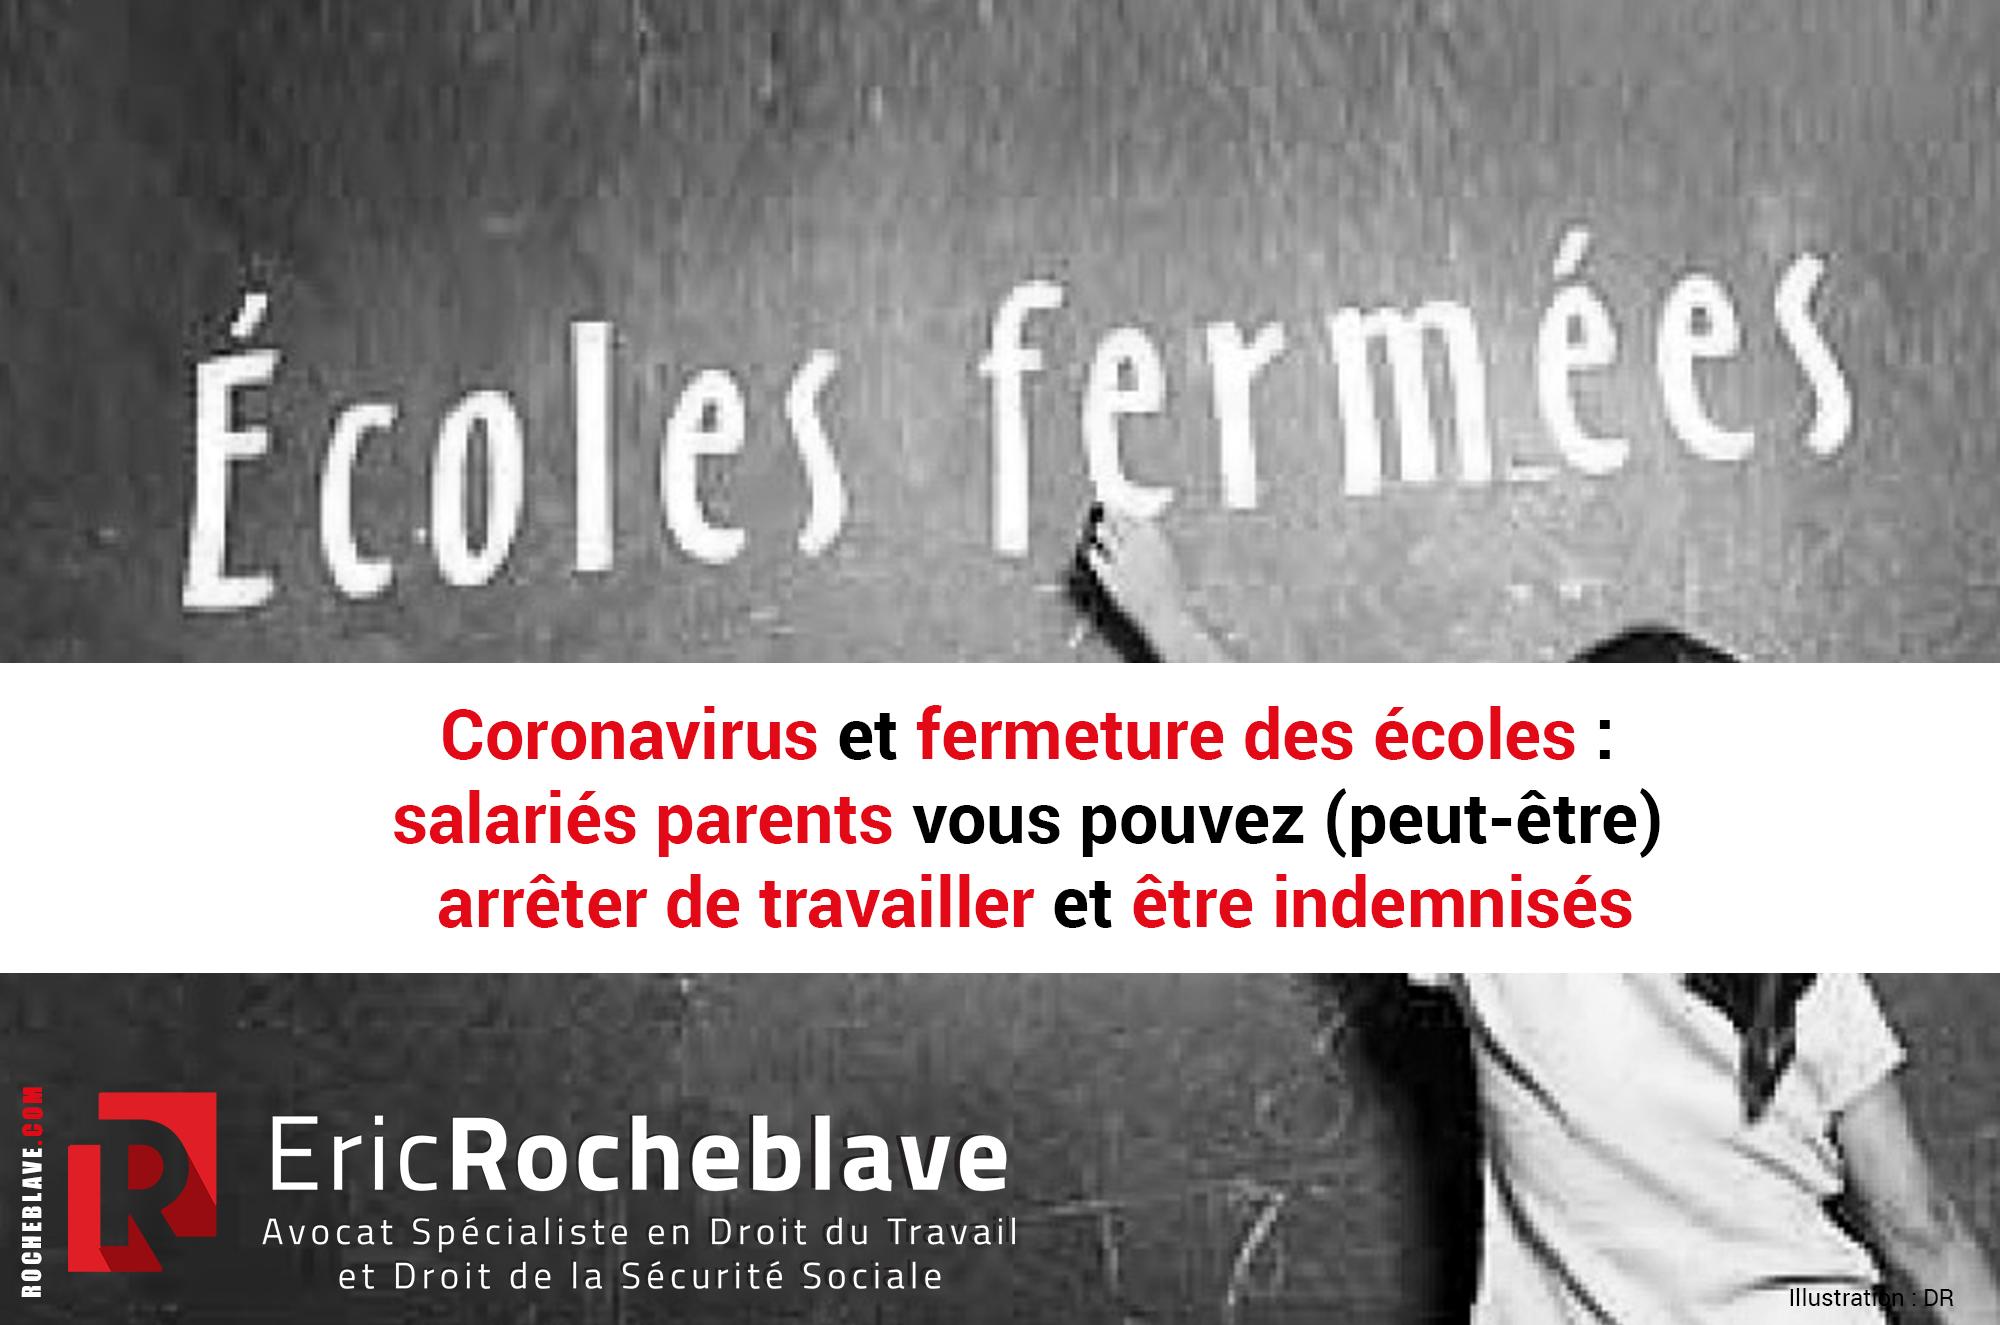 Coronavirus et fermeture des écoles : salariés parents vous pouvez (peut-être) arrêter de travailler et être indemnisés